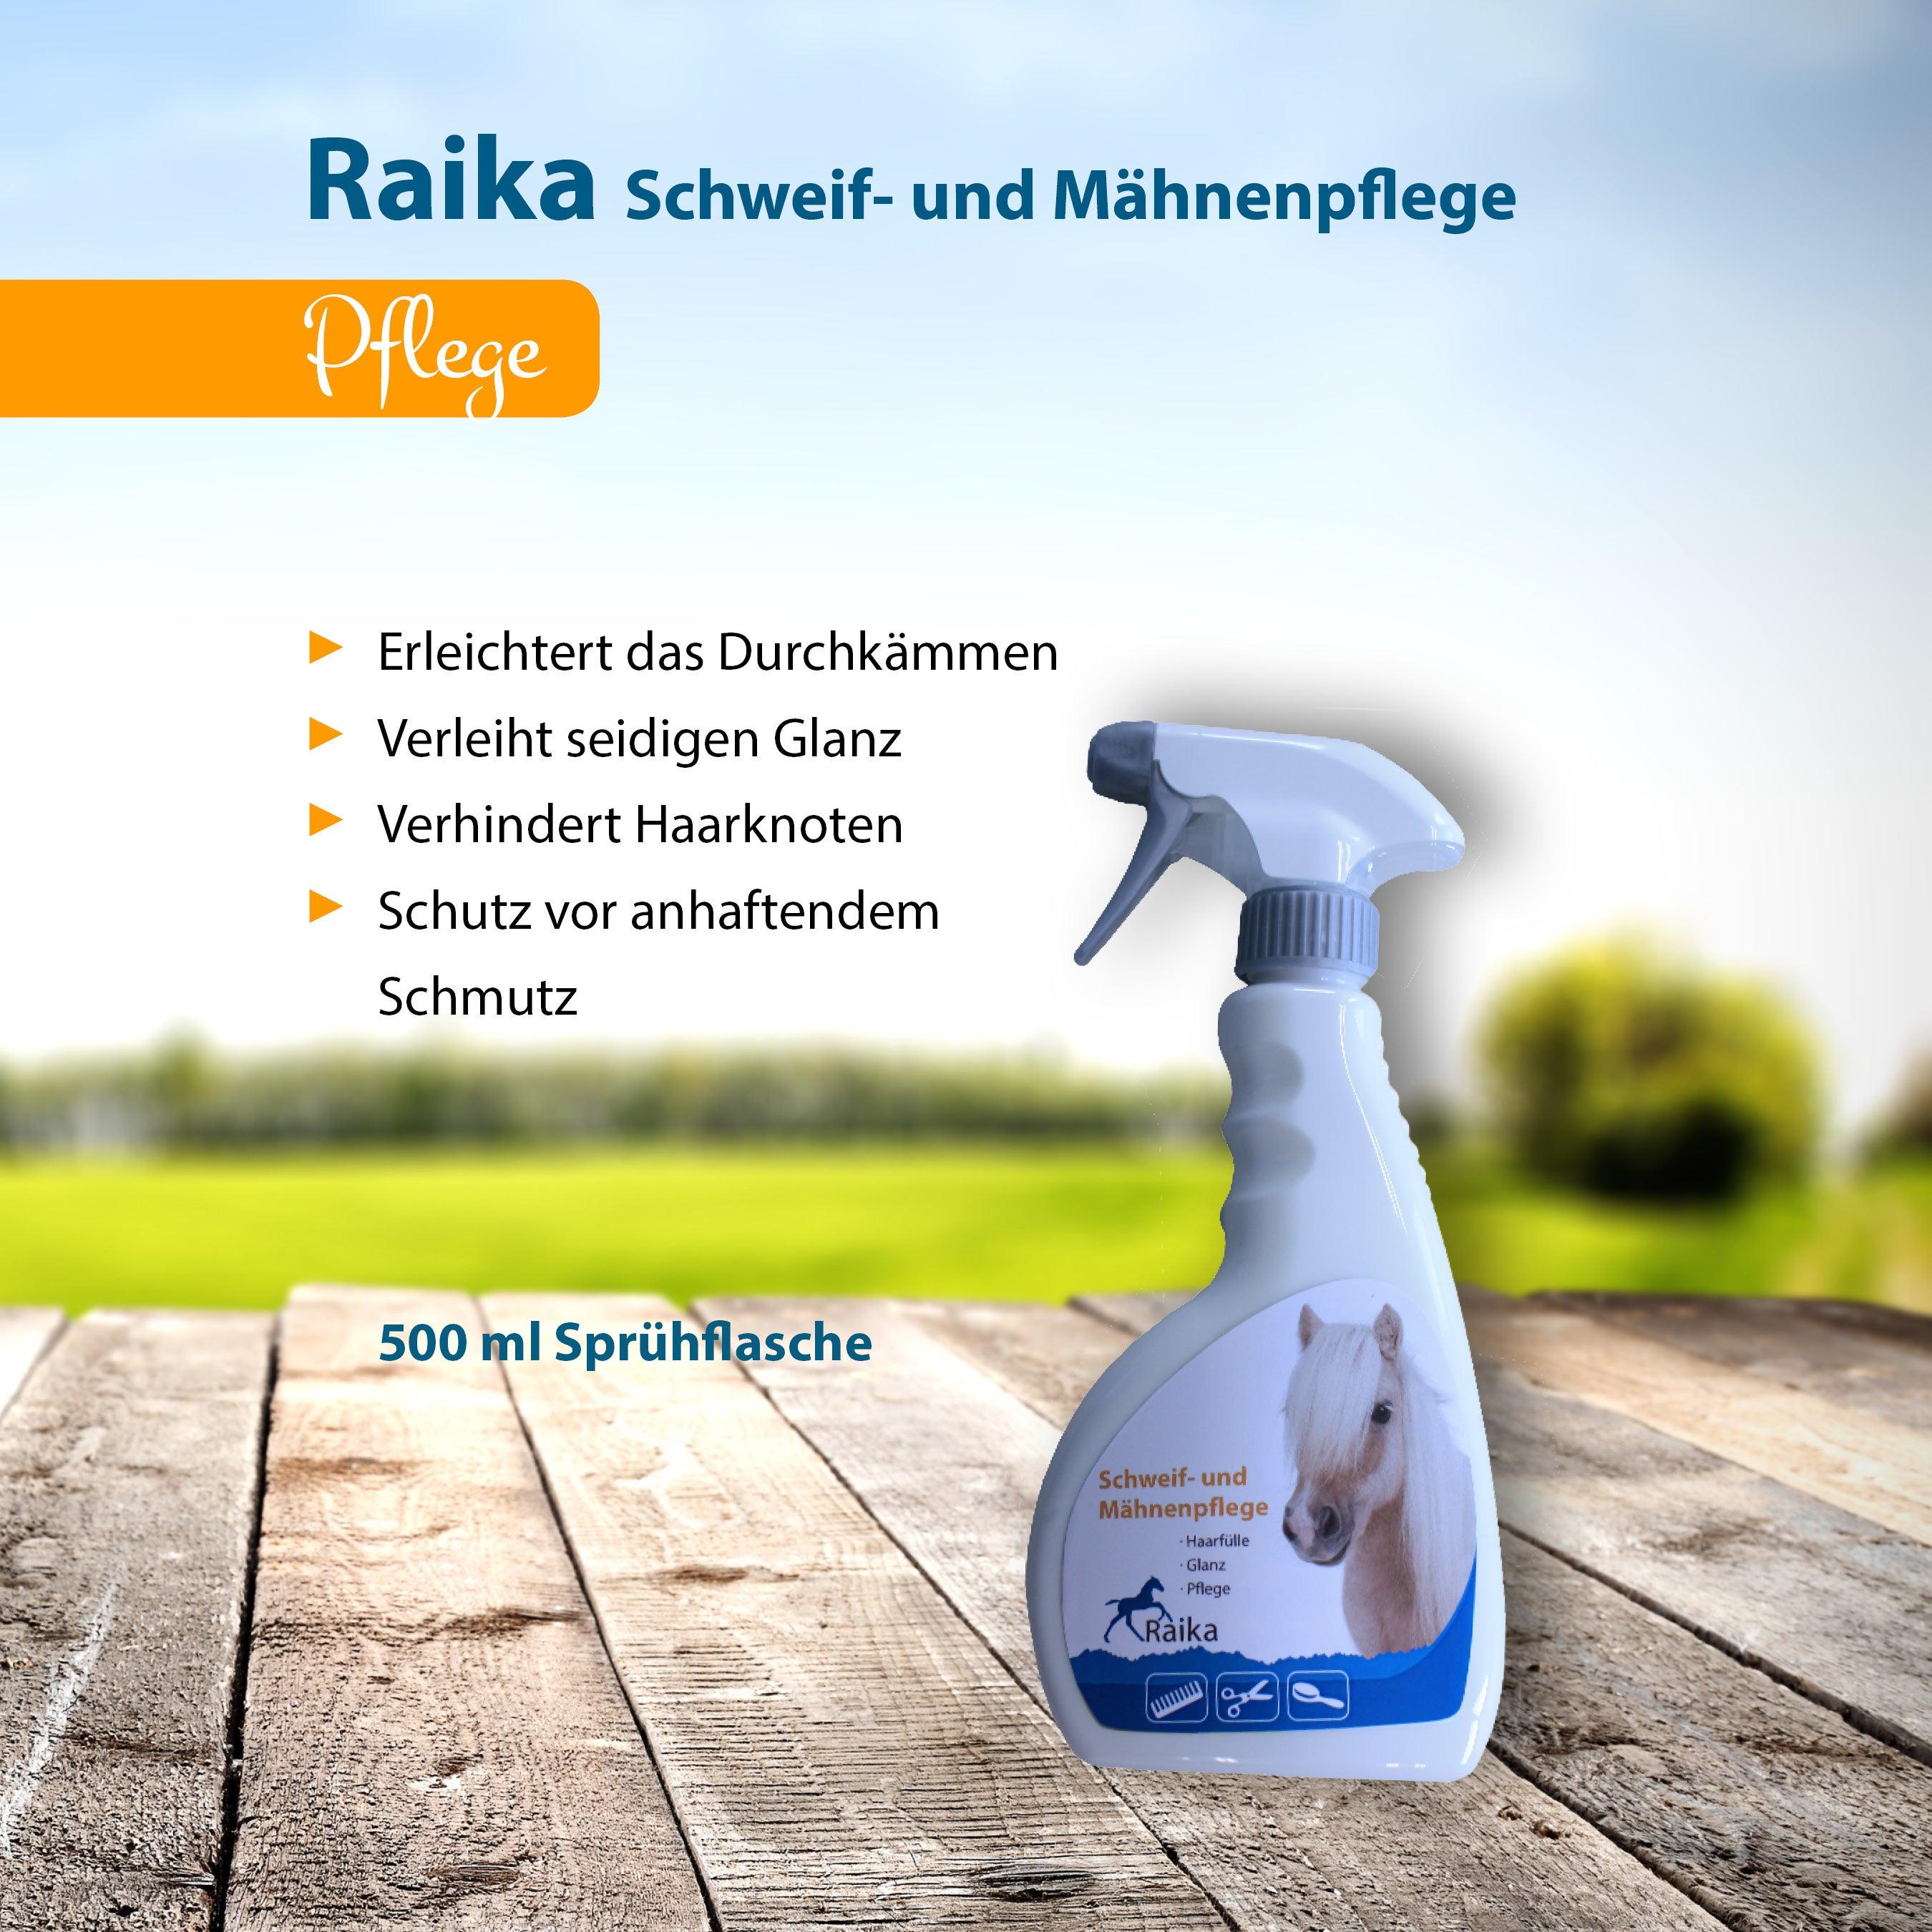 Raika Schweif- und Mähnenpflege Pferdepflege